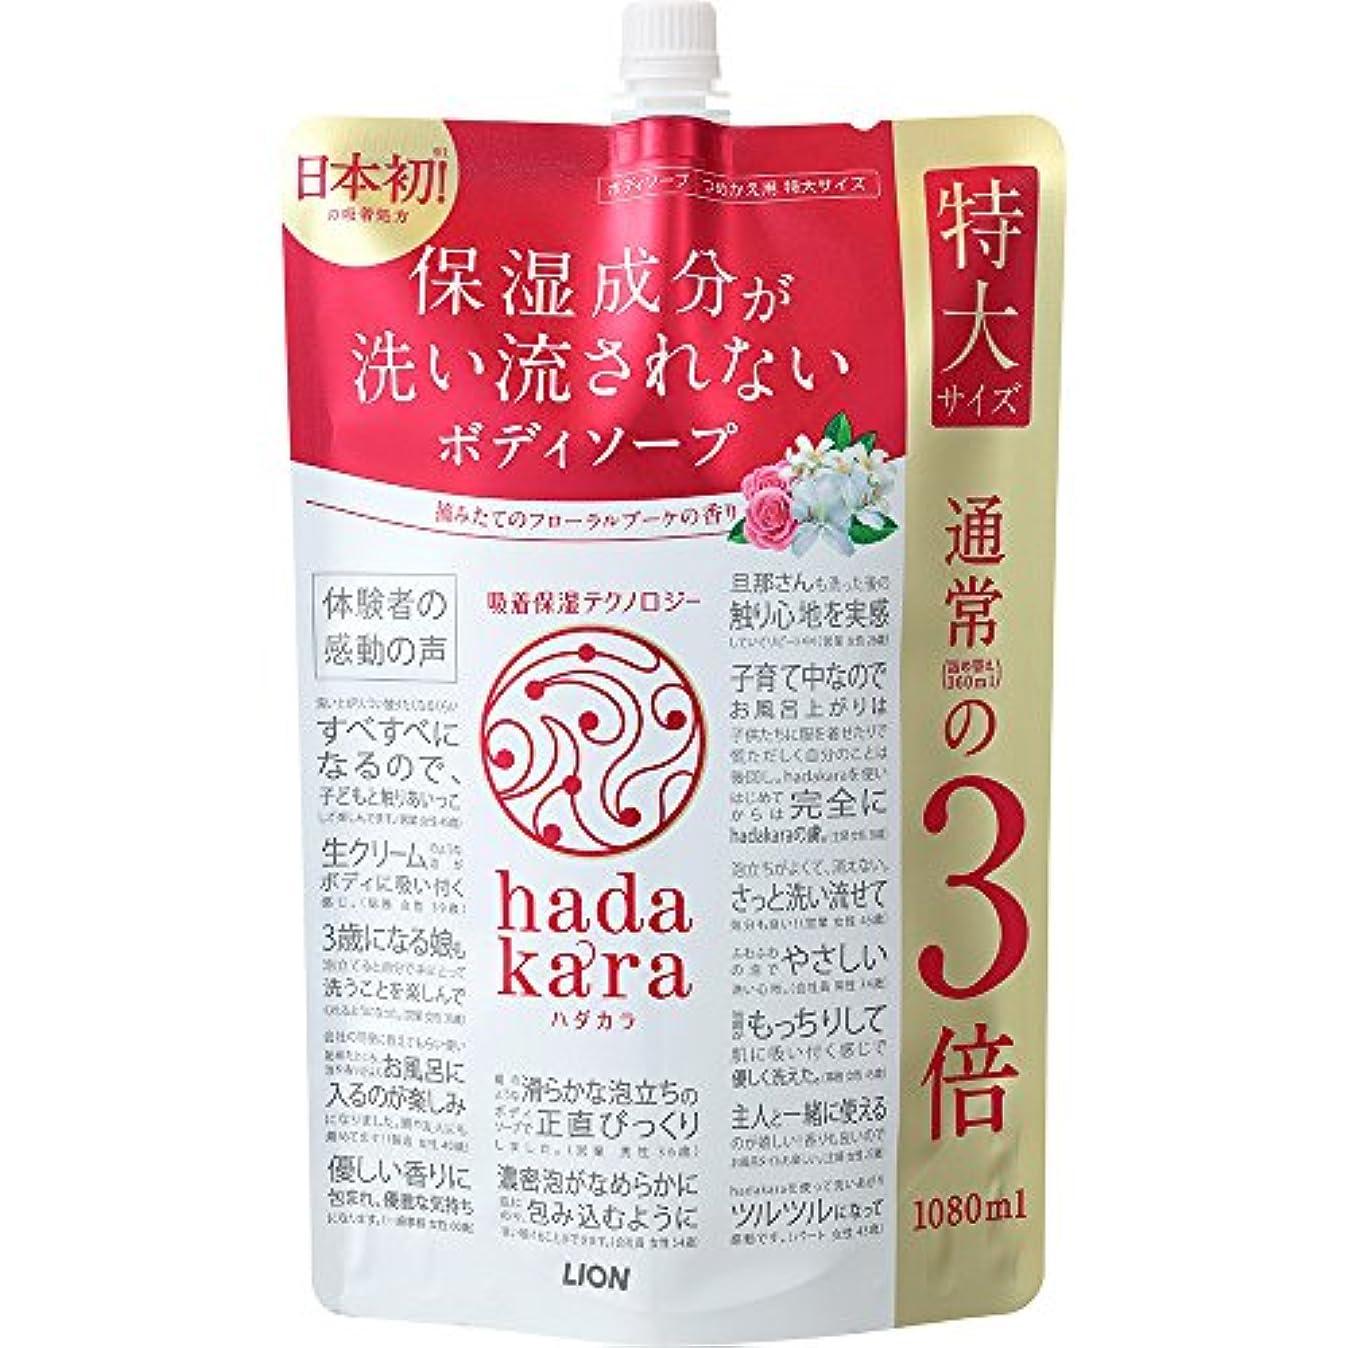 反対原始的なジョージスティーブンソン【大容量】hadakara(ハダカラ) ボディソープ フローラルブーケの香り 詰め替え 特大 1080ml